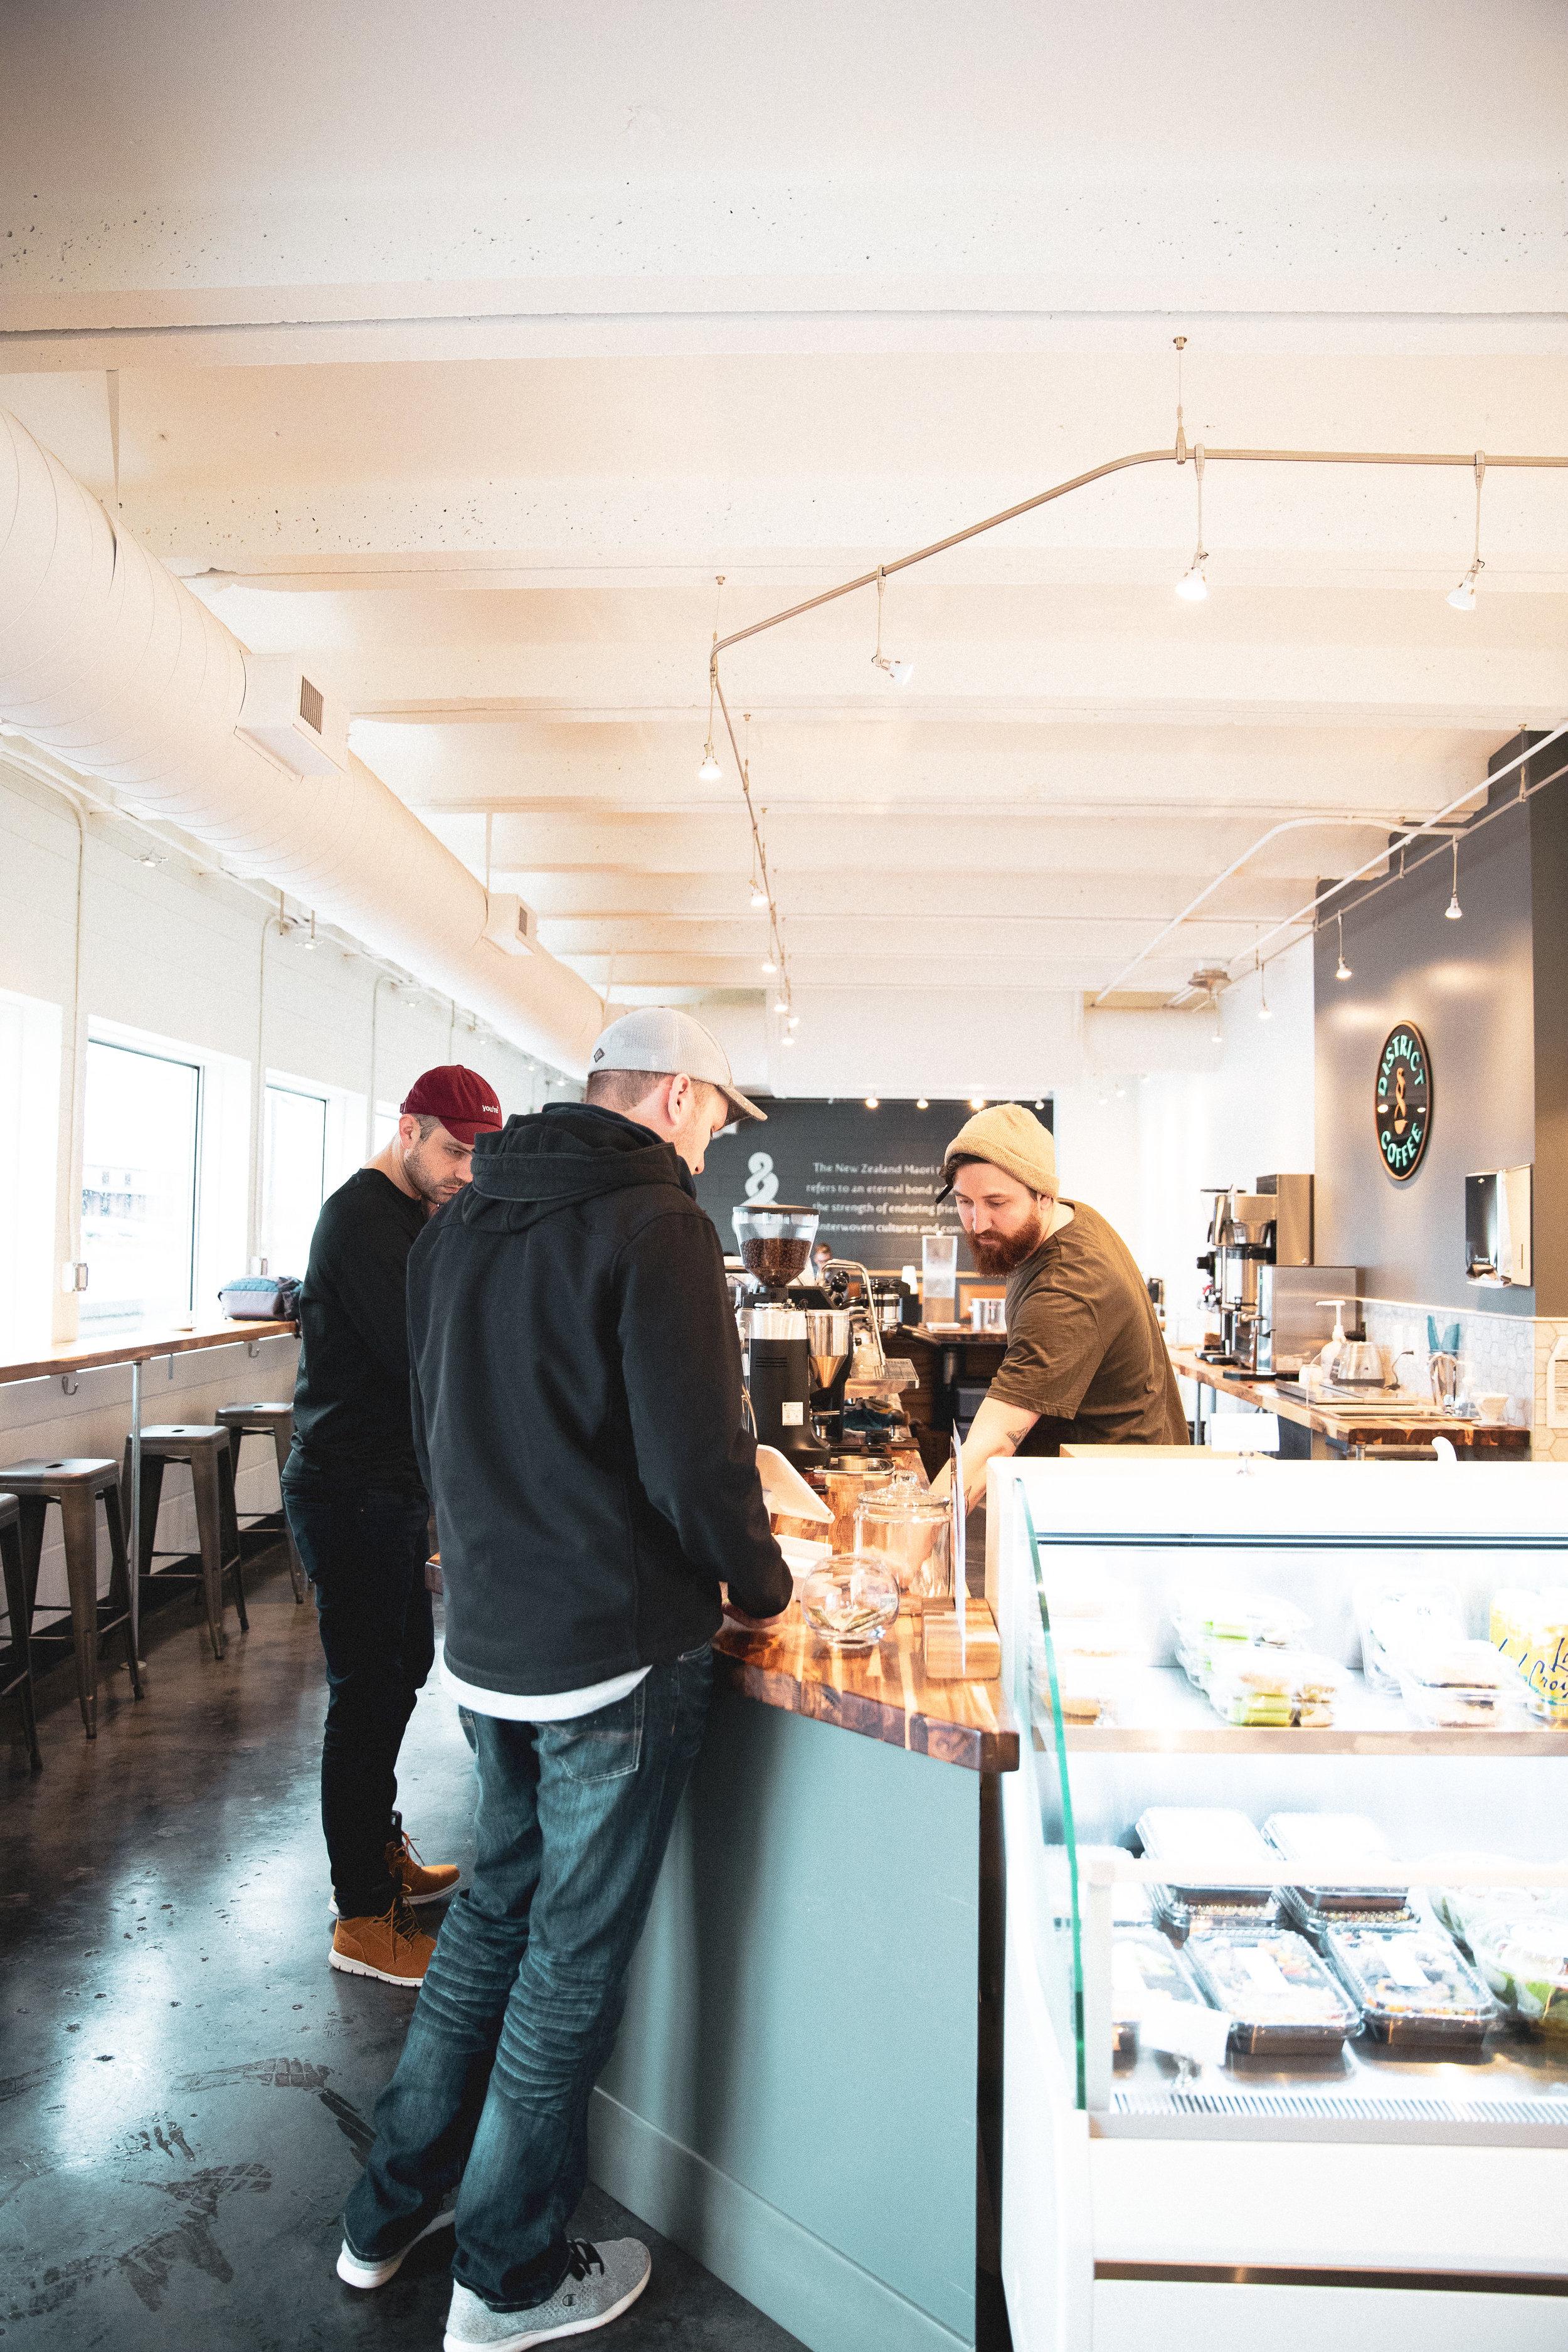 coffeeshop-photography-9I0645.jpg